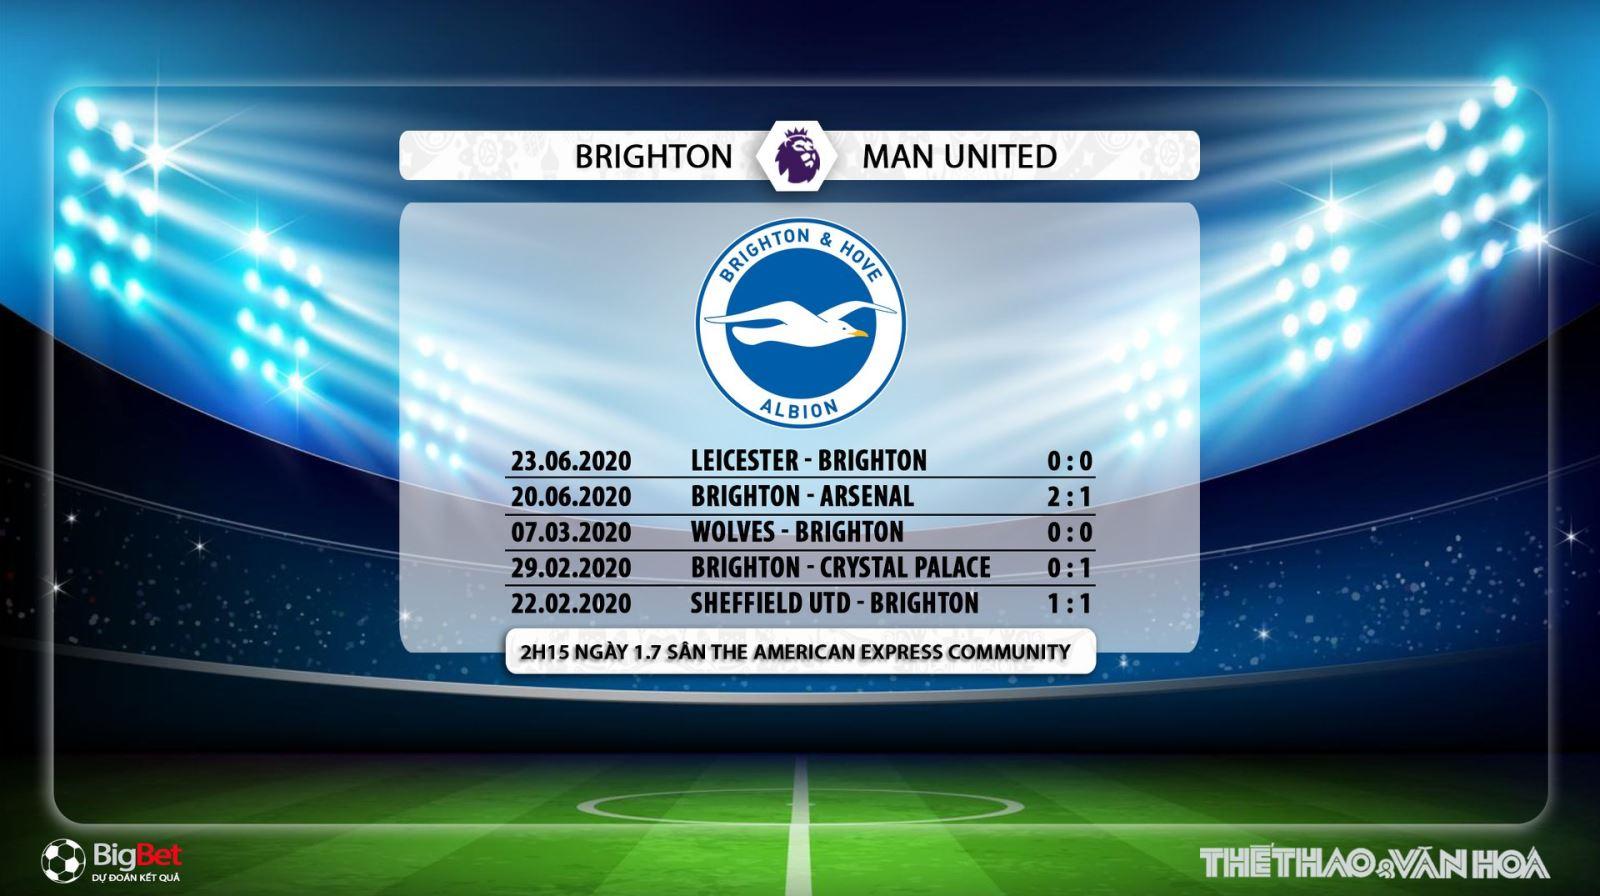 Brighton vs MU, MU, Brighton, trực tiếp bóng đá, manchester united, lịch thi đấu bóng đá, bong da, soi kèo, kèo bóng, truc tiep bong da